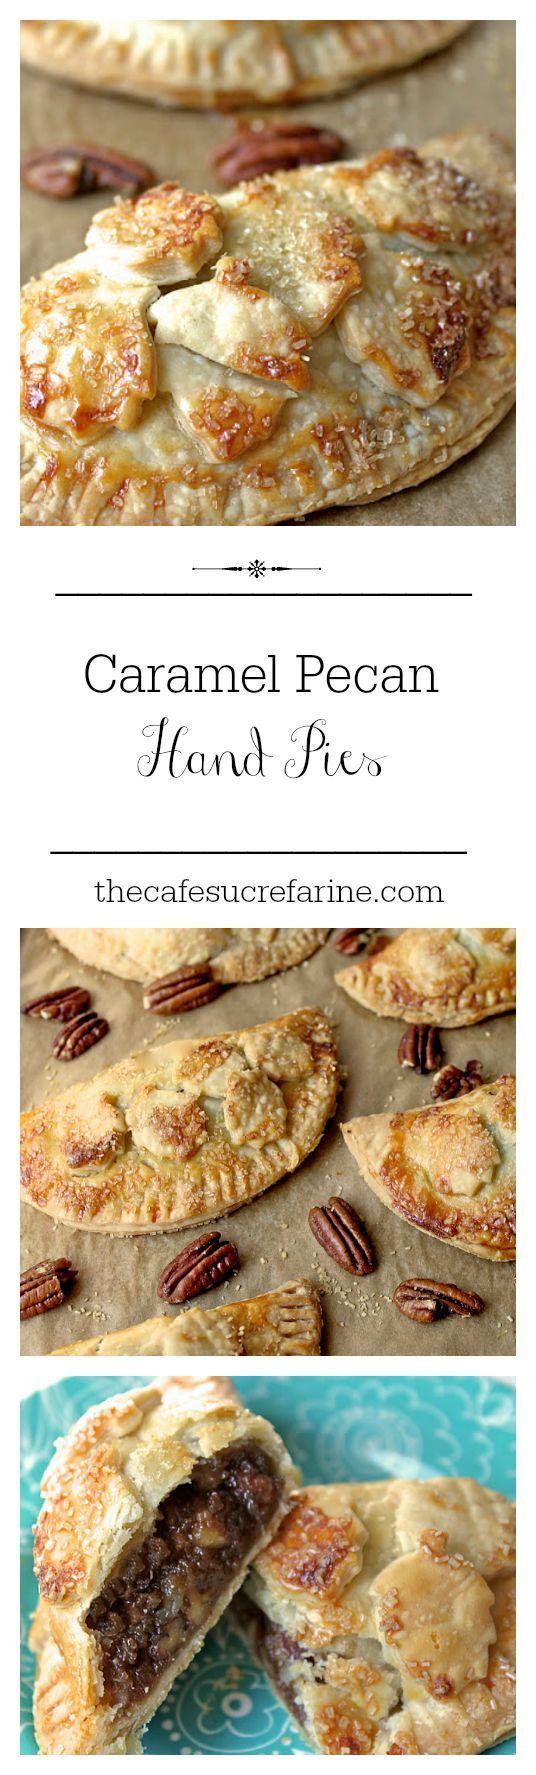 Caramel Pecan Hand Pies : für die Füllung:  160g Pecanüsse 250g Zucker 85g Butter 150g süße Sahne (flüssig) Vanille-Extrakt (nach Belieben) 1 Prise Salz 5 Eier  etwas braunen Zucker zum drübersprenkeln